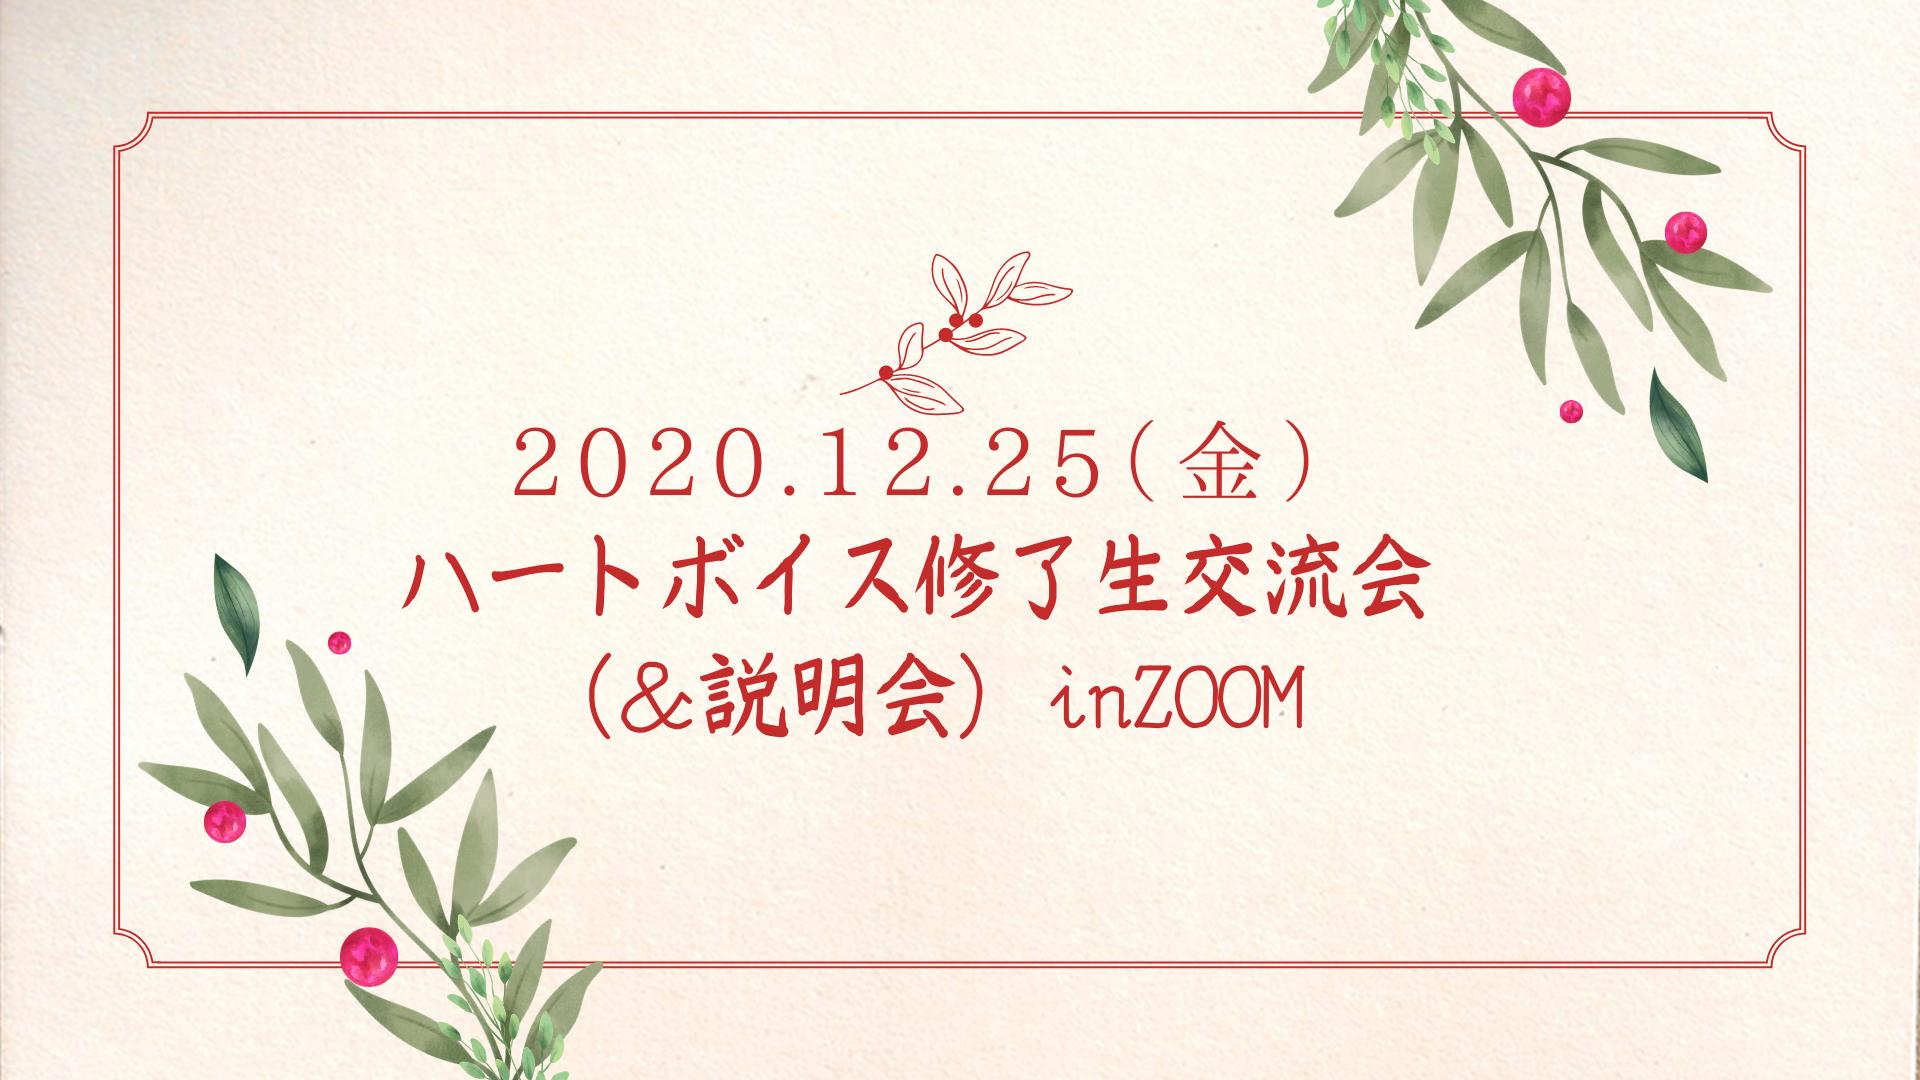 2020年12月25日(金)ハートボイス交流会(&説明会)nZOOM